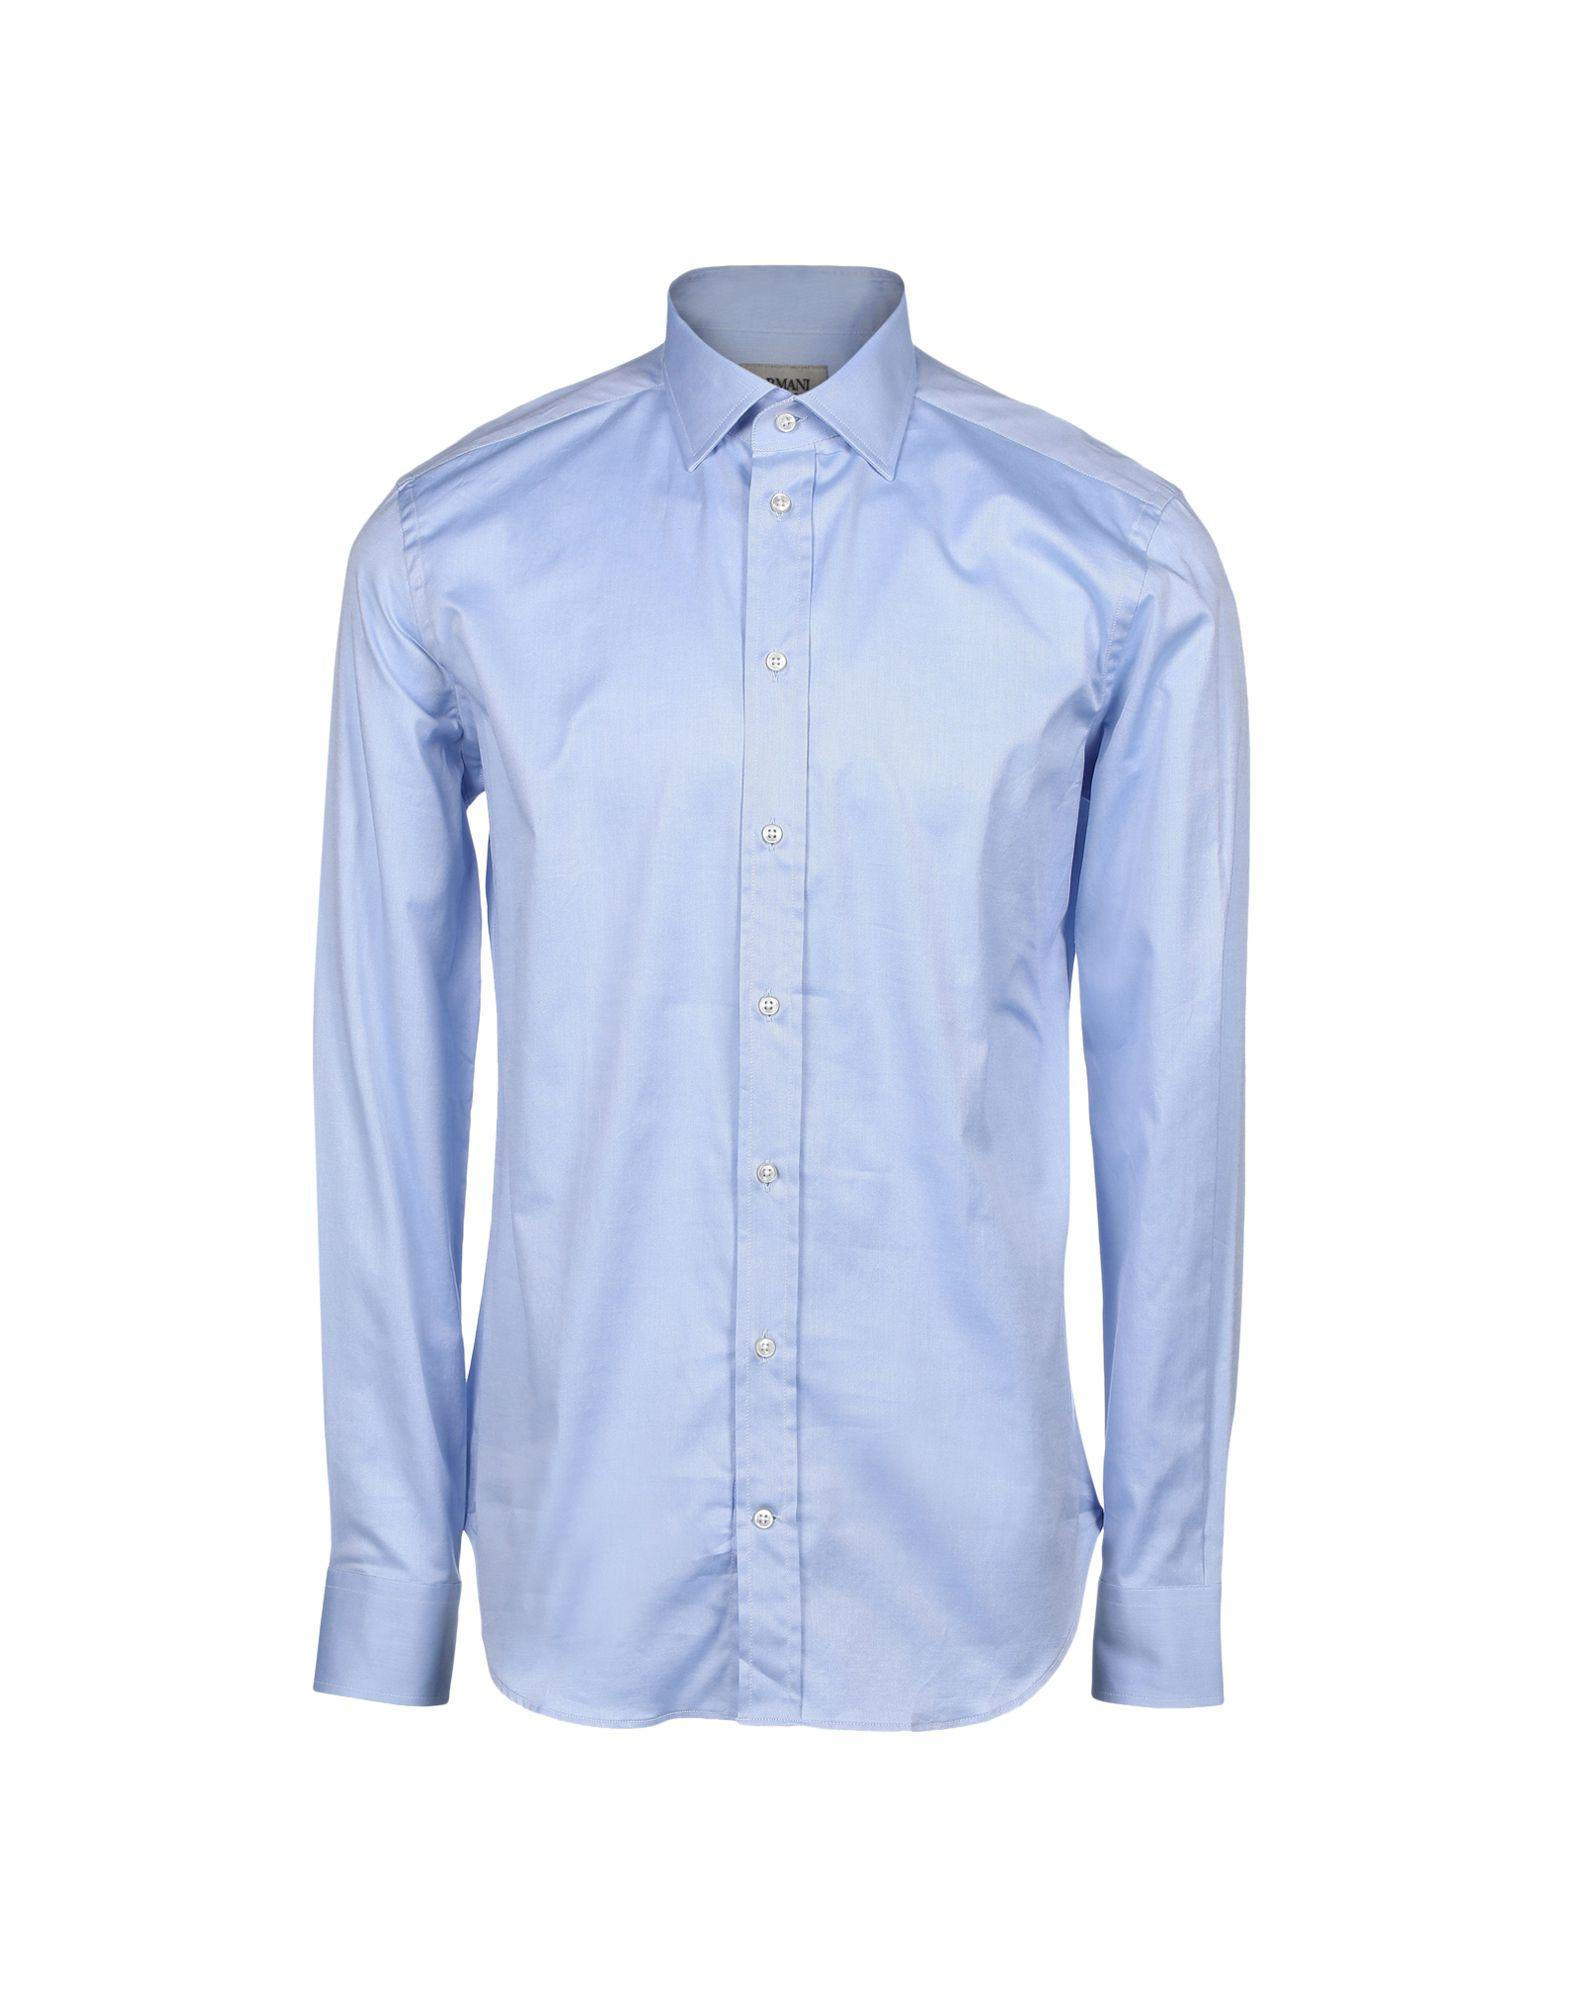 Armani Collezioni Solid Color Shirt In Pastel Blue